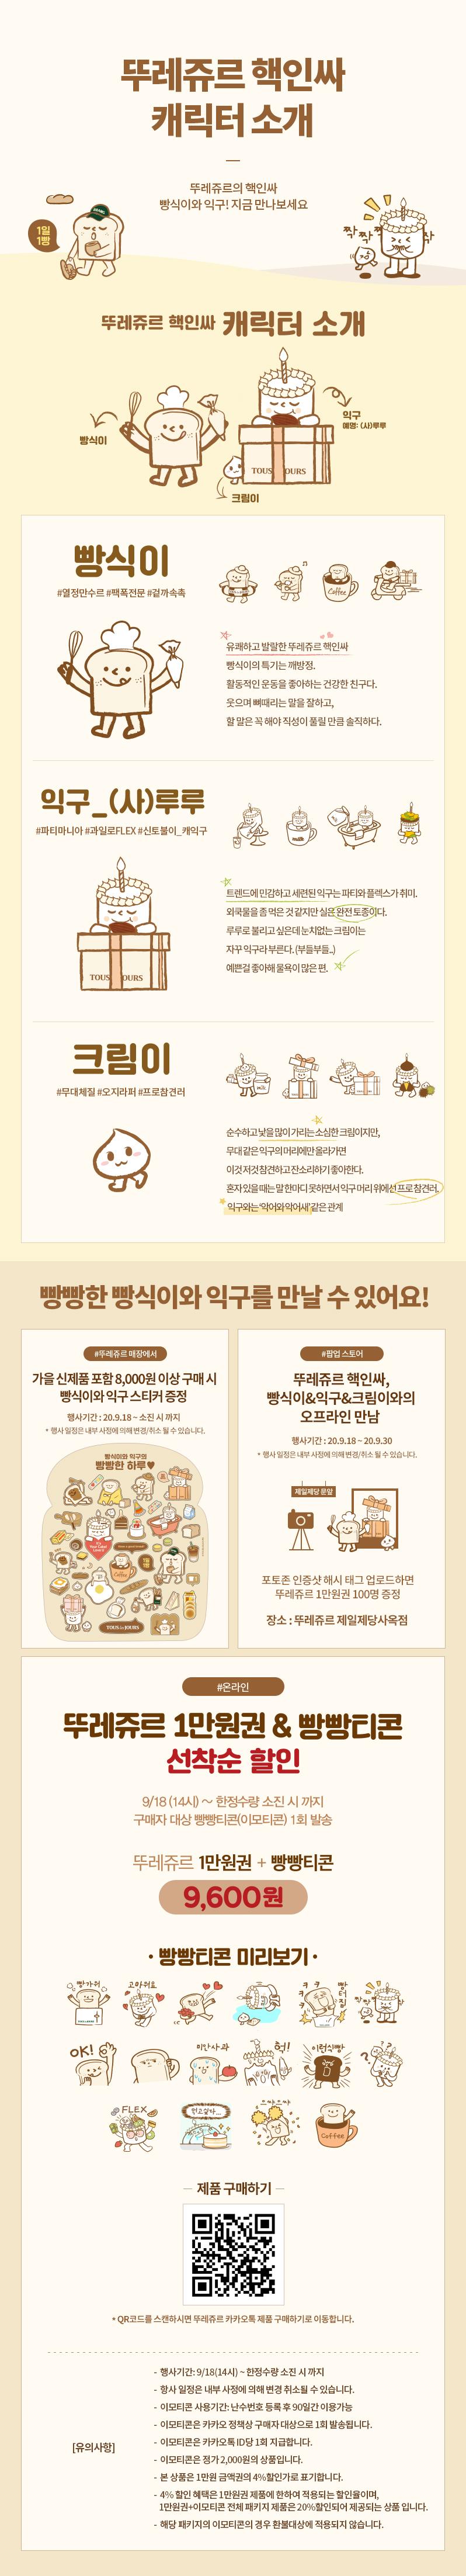 뚜레쥬르 핵인싸 캐릭터 소개